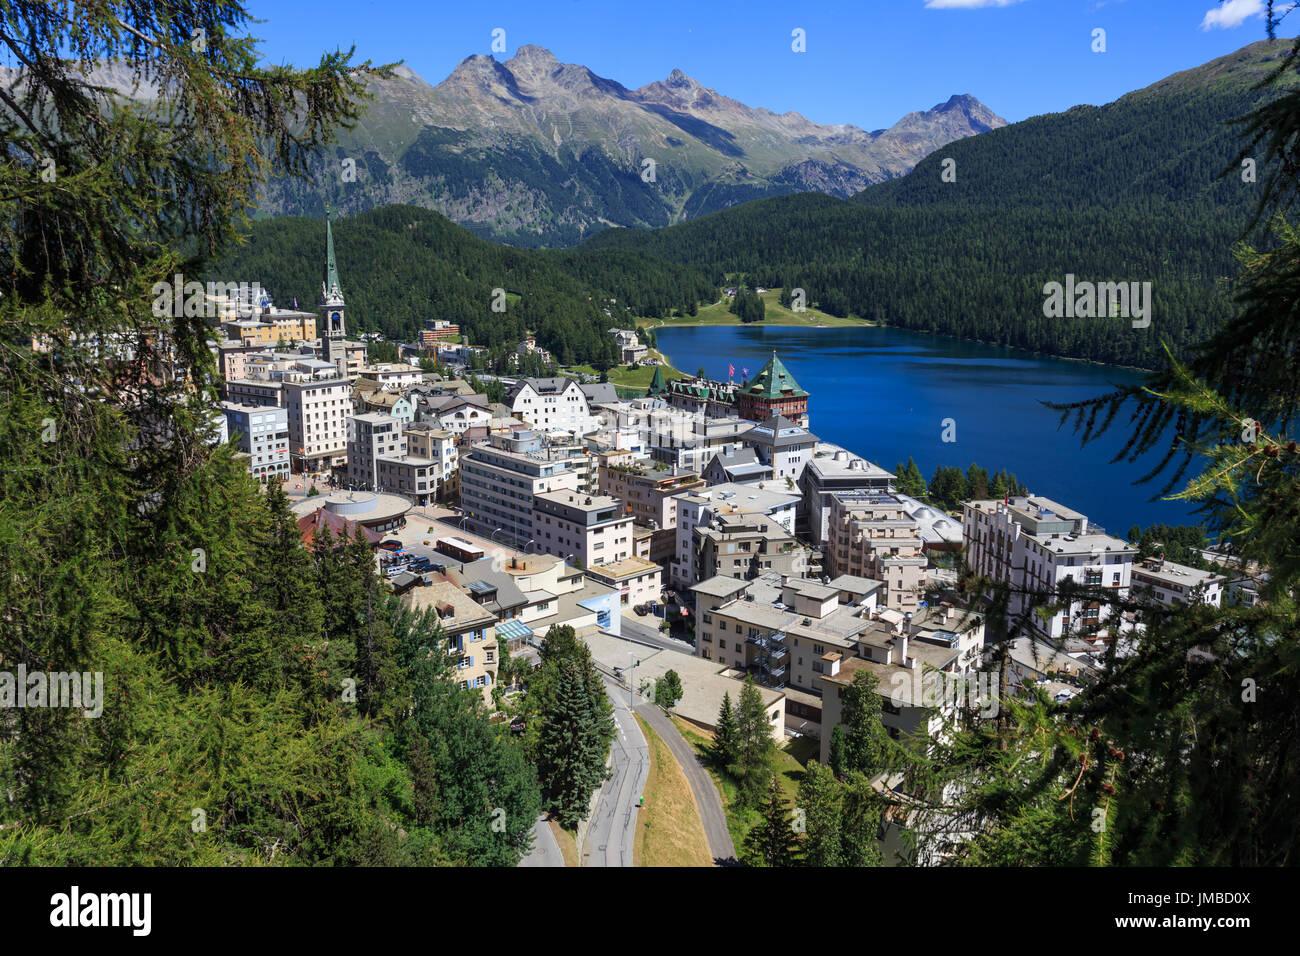 St. Moritz - Stock Image